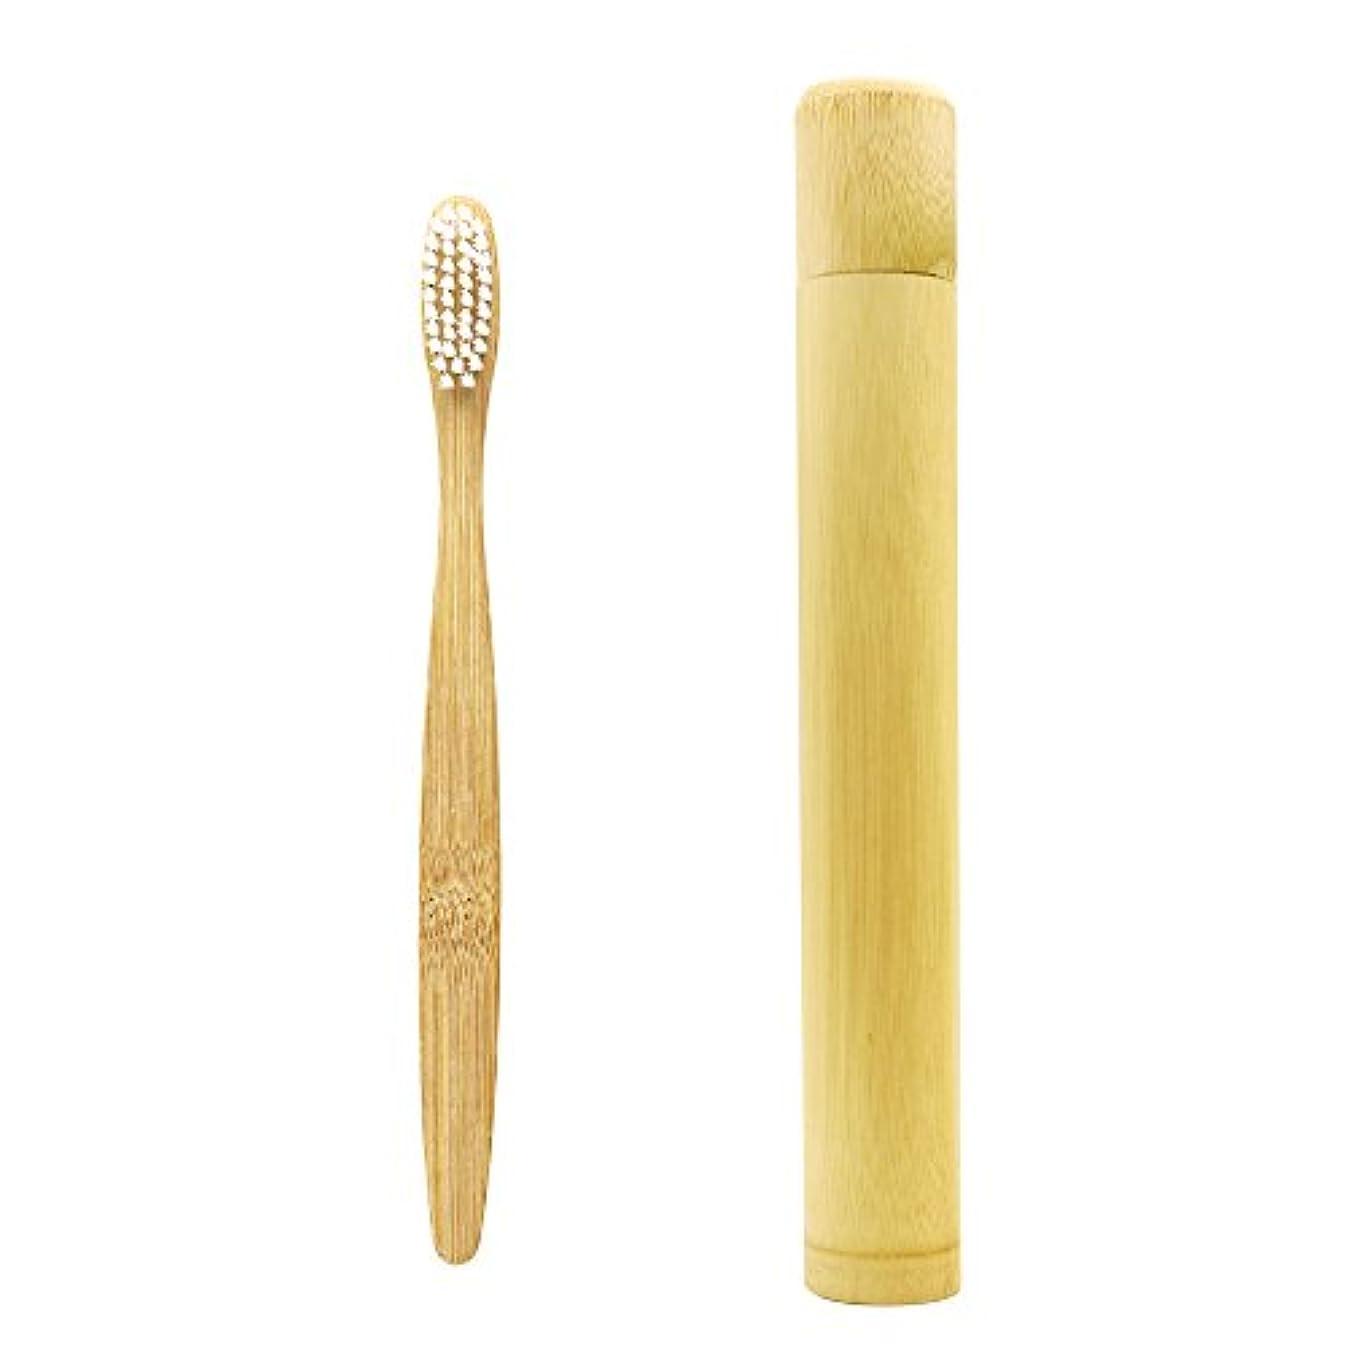 くるくるピストンエッセンスN-amboo 竹製耐久度高い 白い歯ブラシ 携帯用 ケース付き セット 軽量 携帯便利 出張旅行